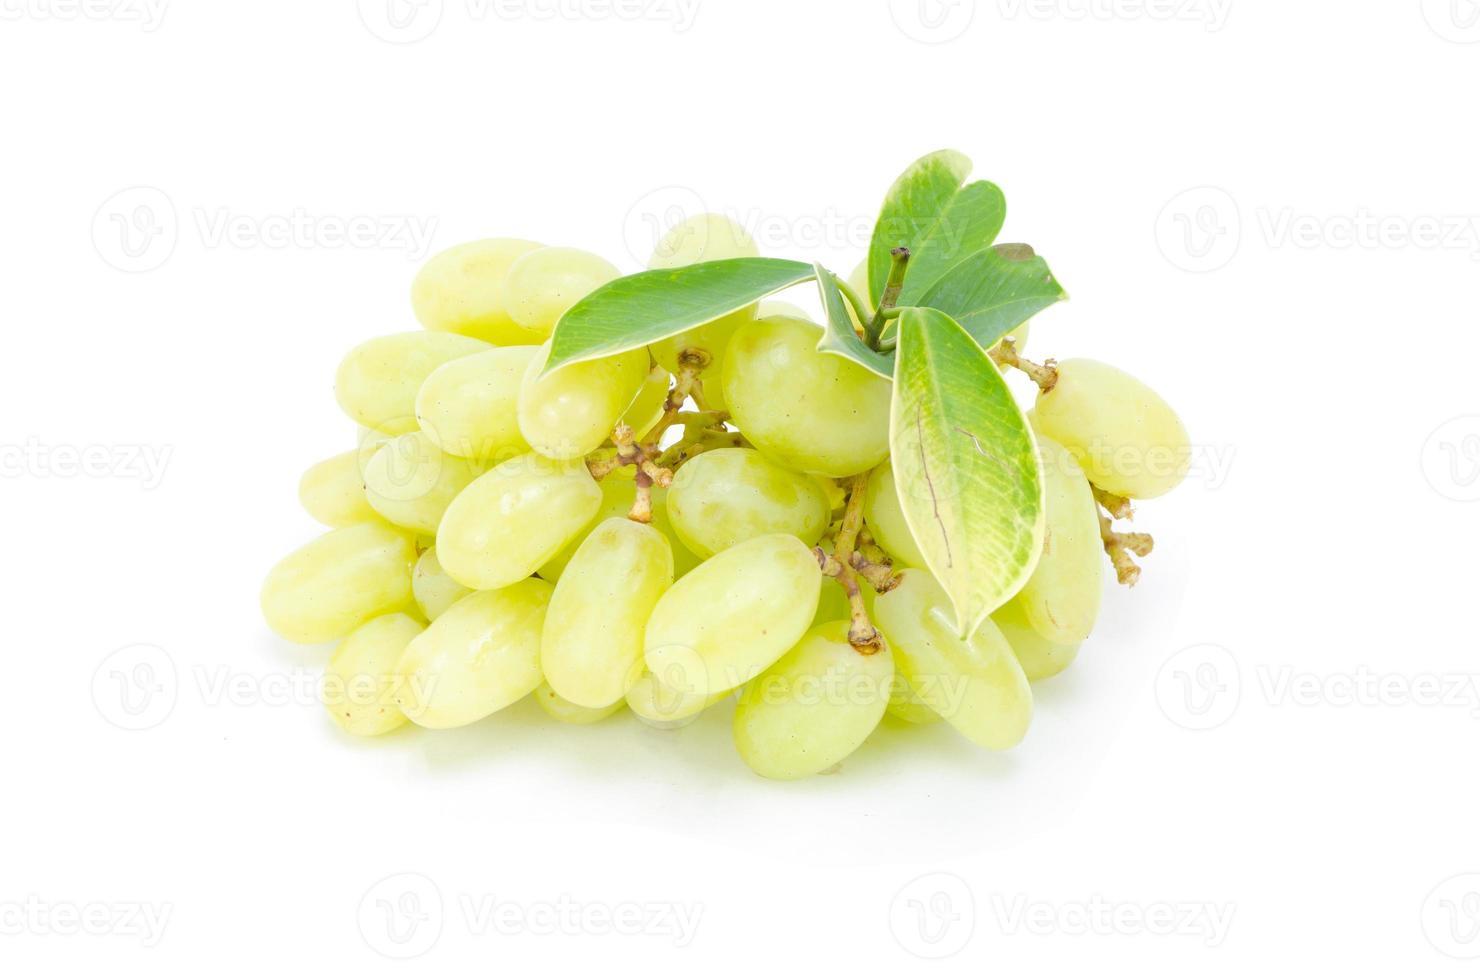 uva matura verde e rossa isolata sui precedenti bianchi foto